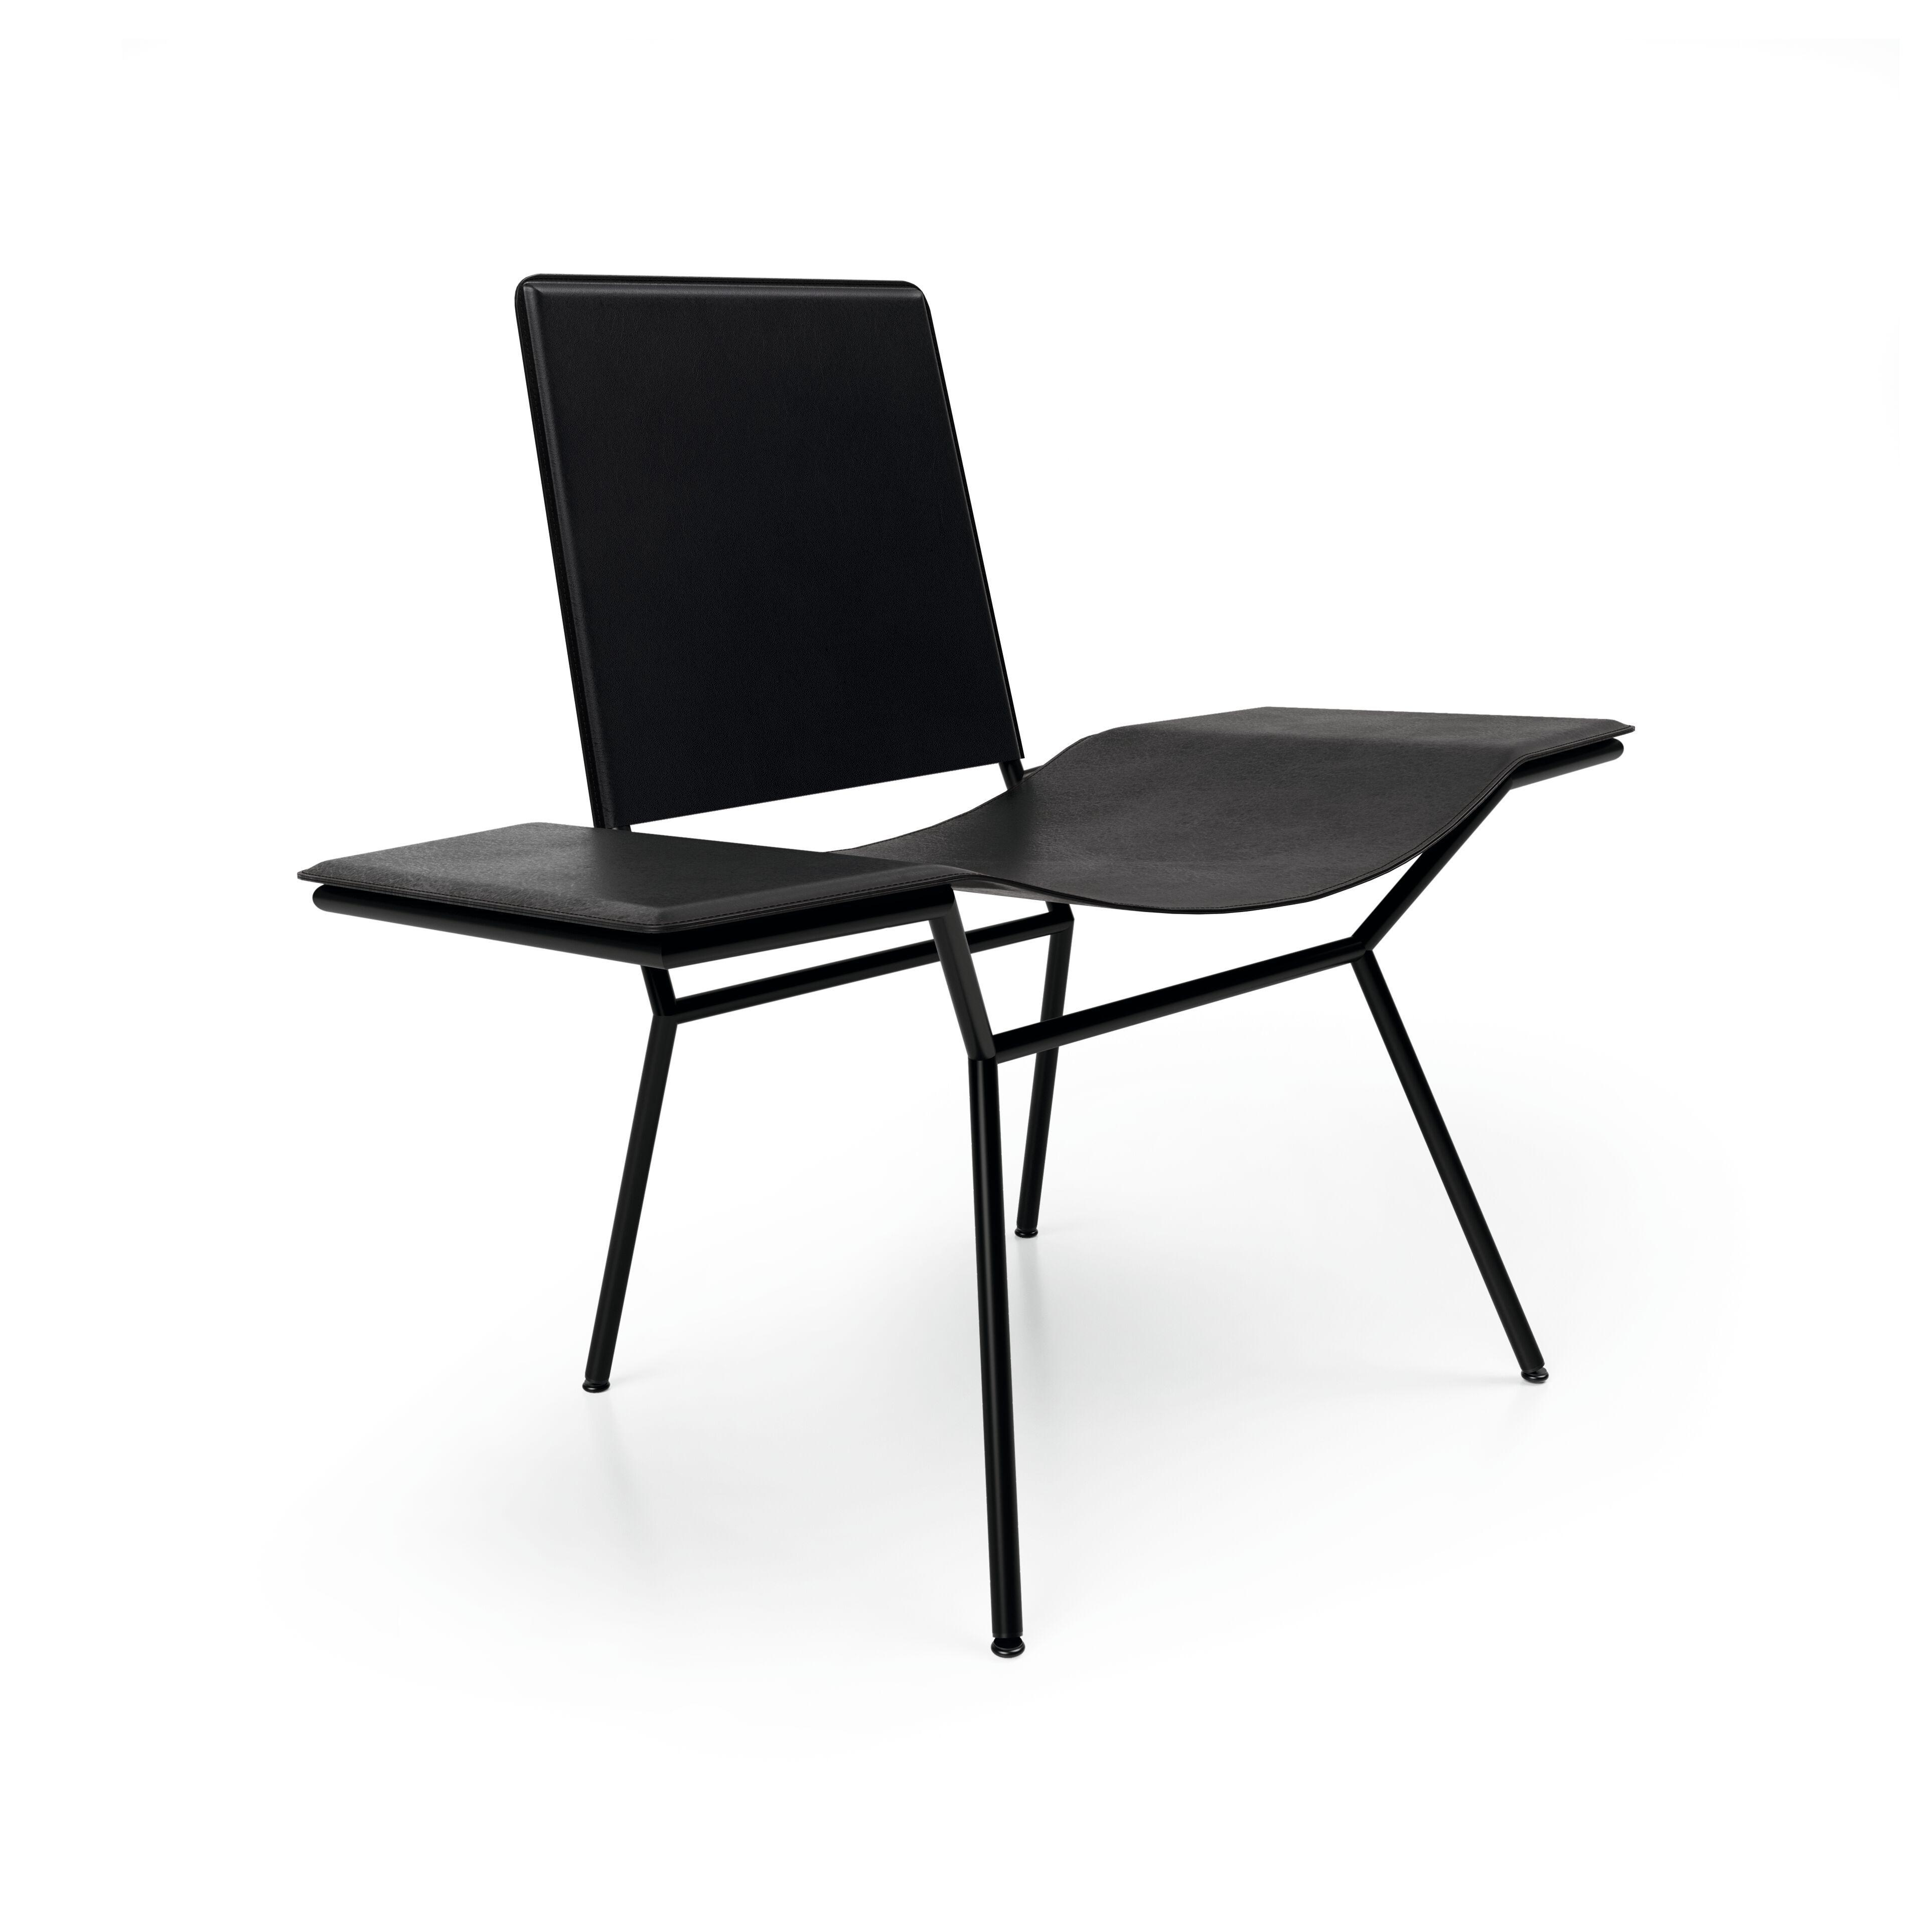 02_WK-Aisuu-Side-Chair-0002.tif